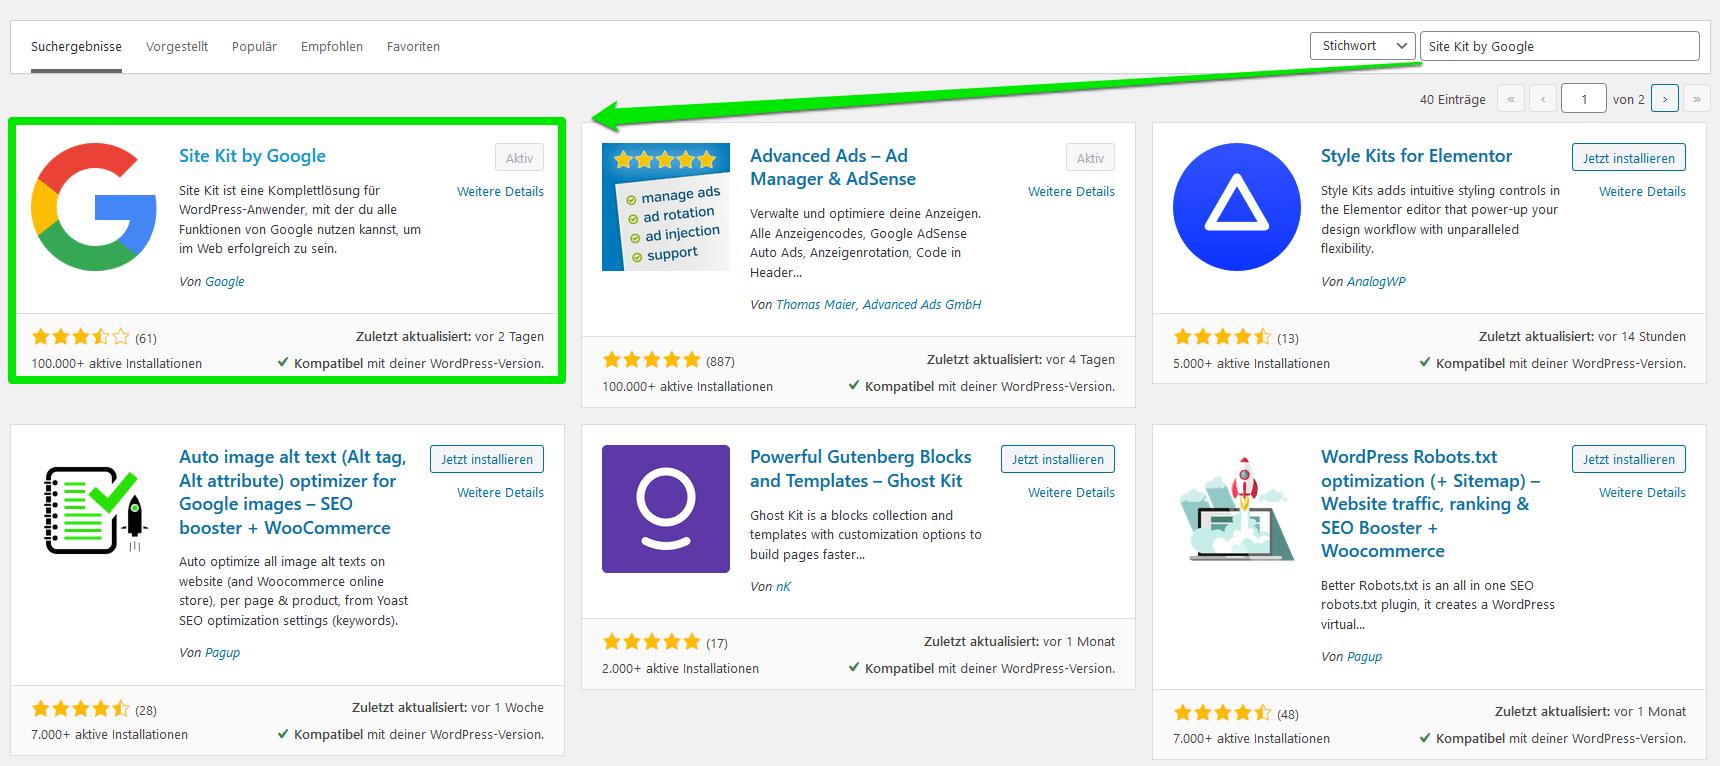 Google Site Kit: So funktioniert das erste offizielle Google-Plugin für WordPress